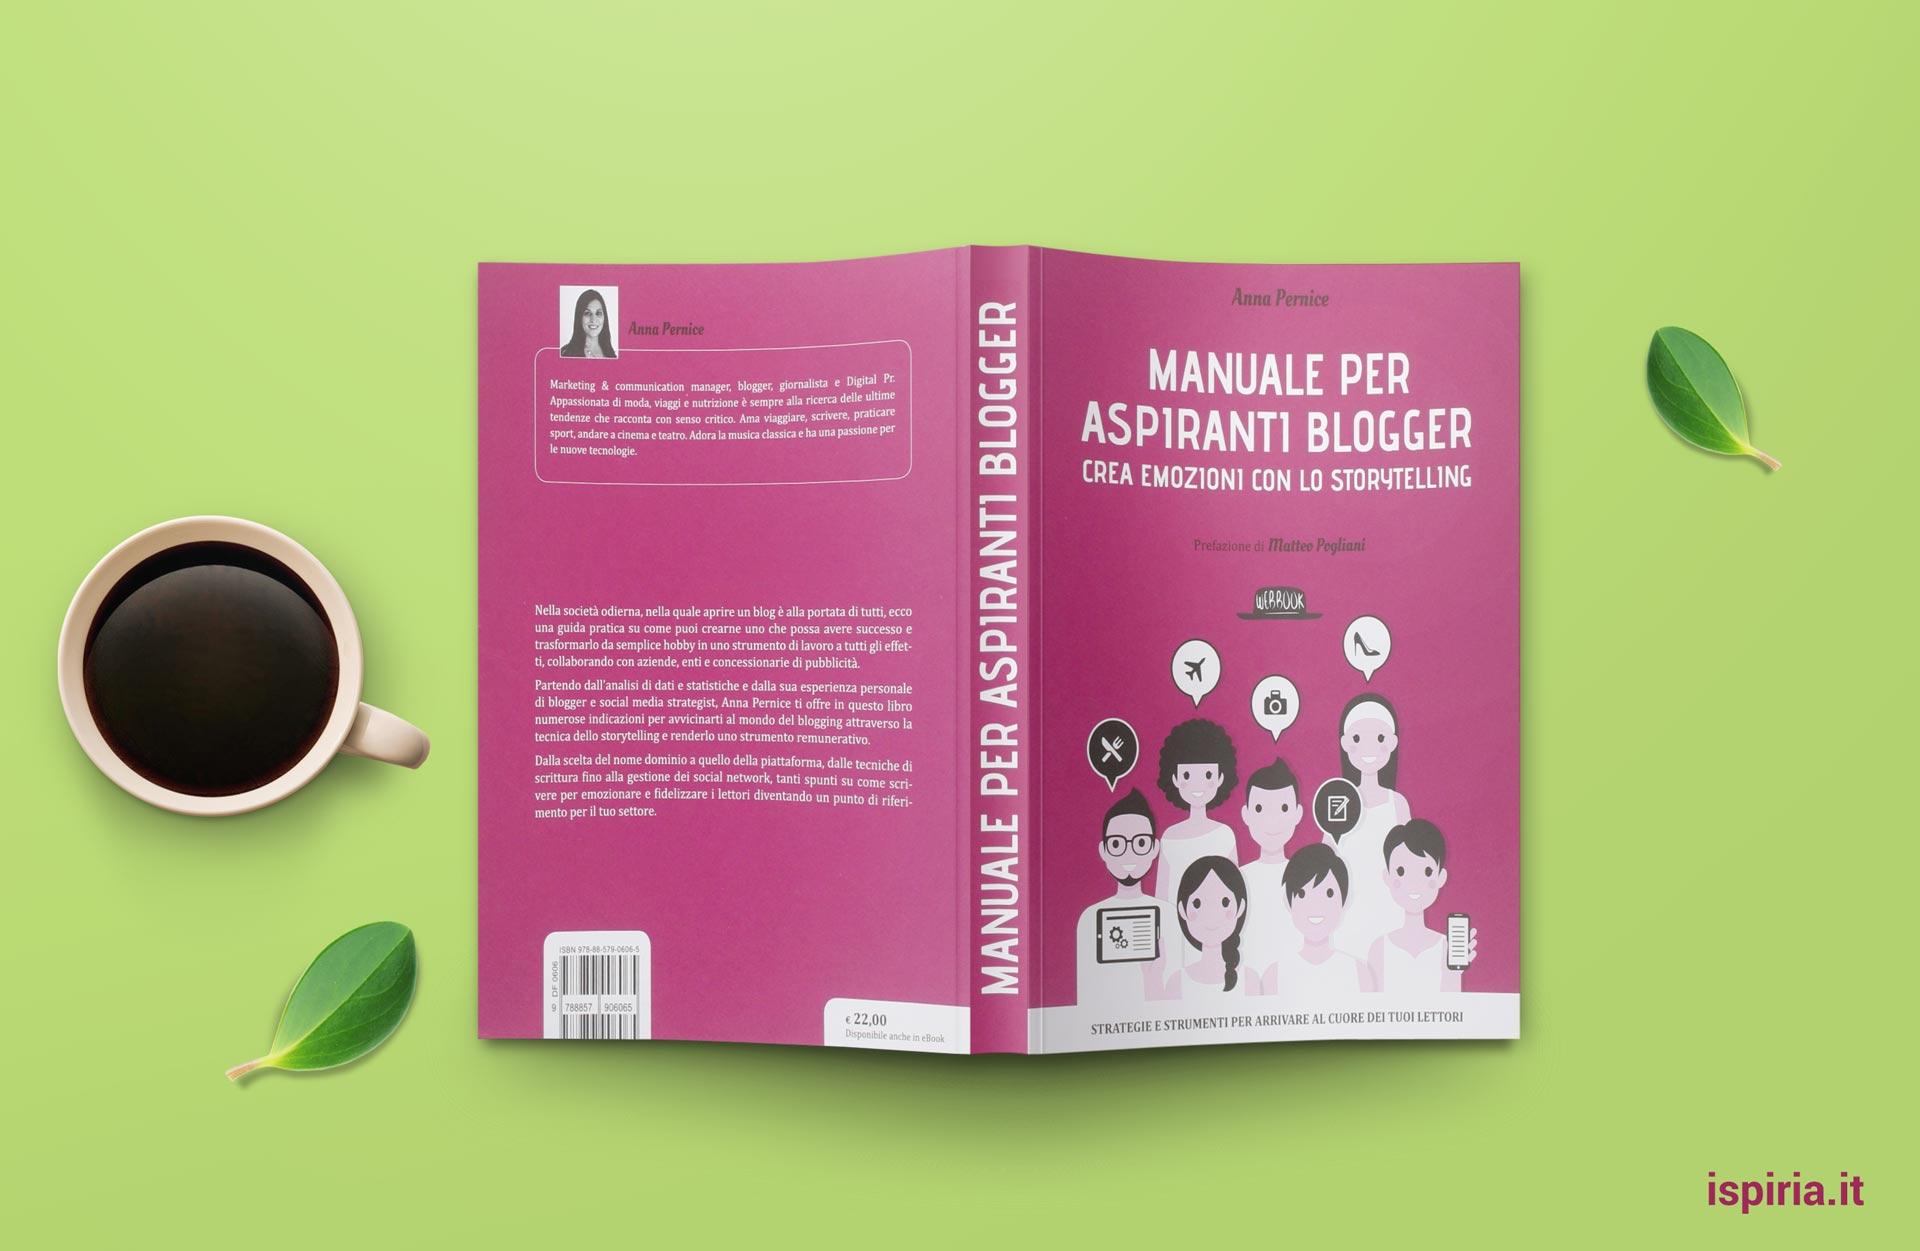 libro per creare un blog manuale blogger